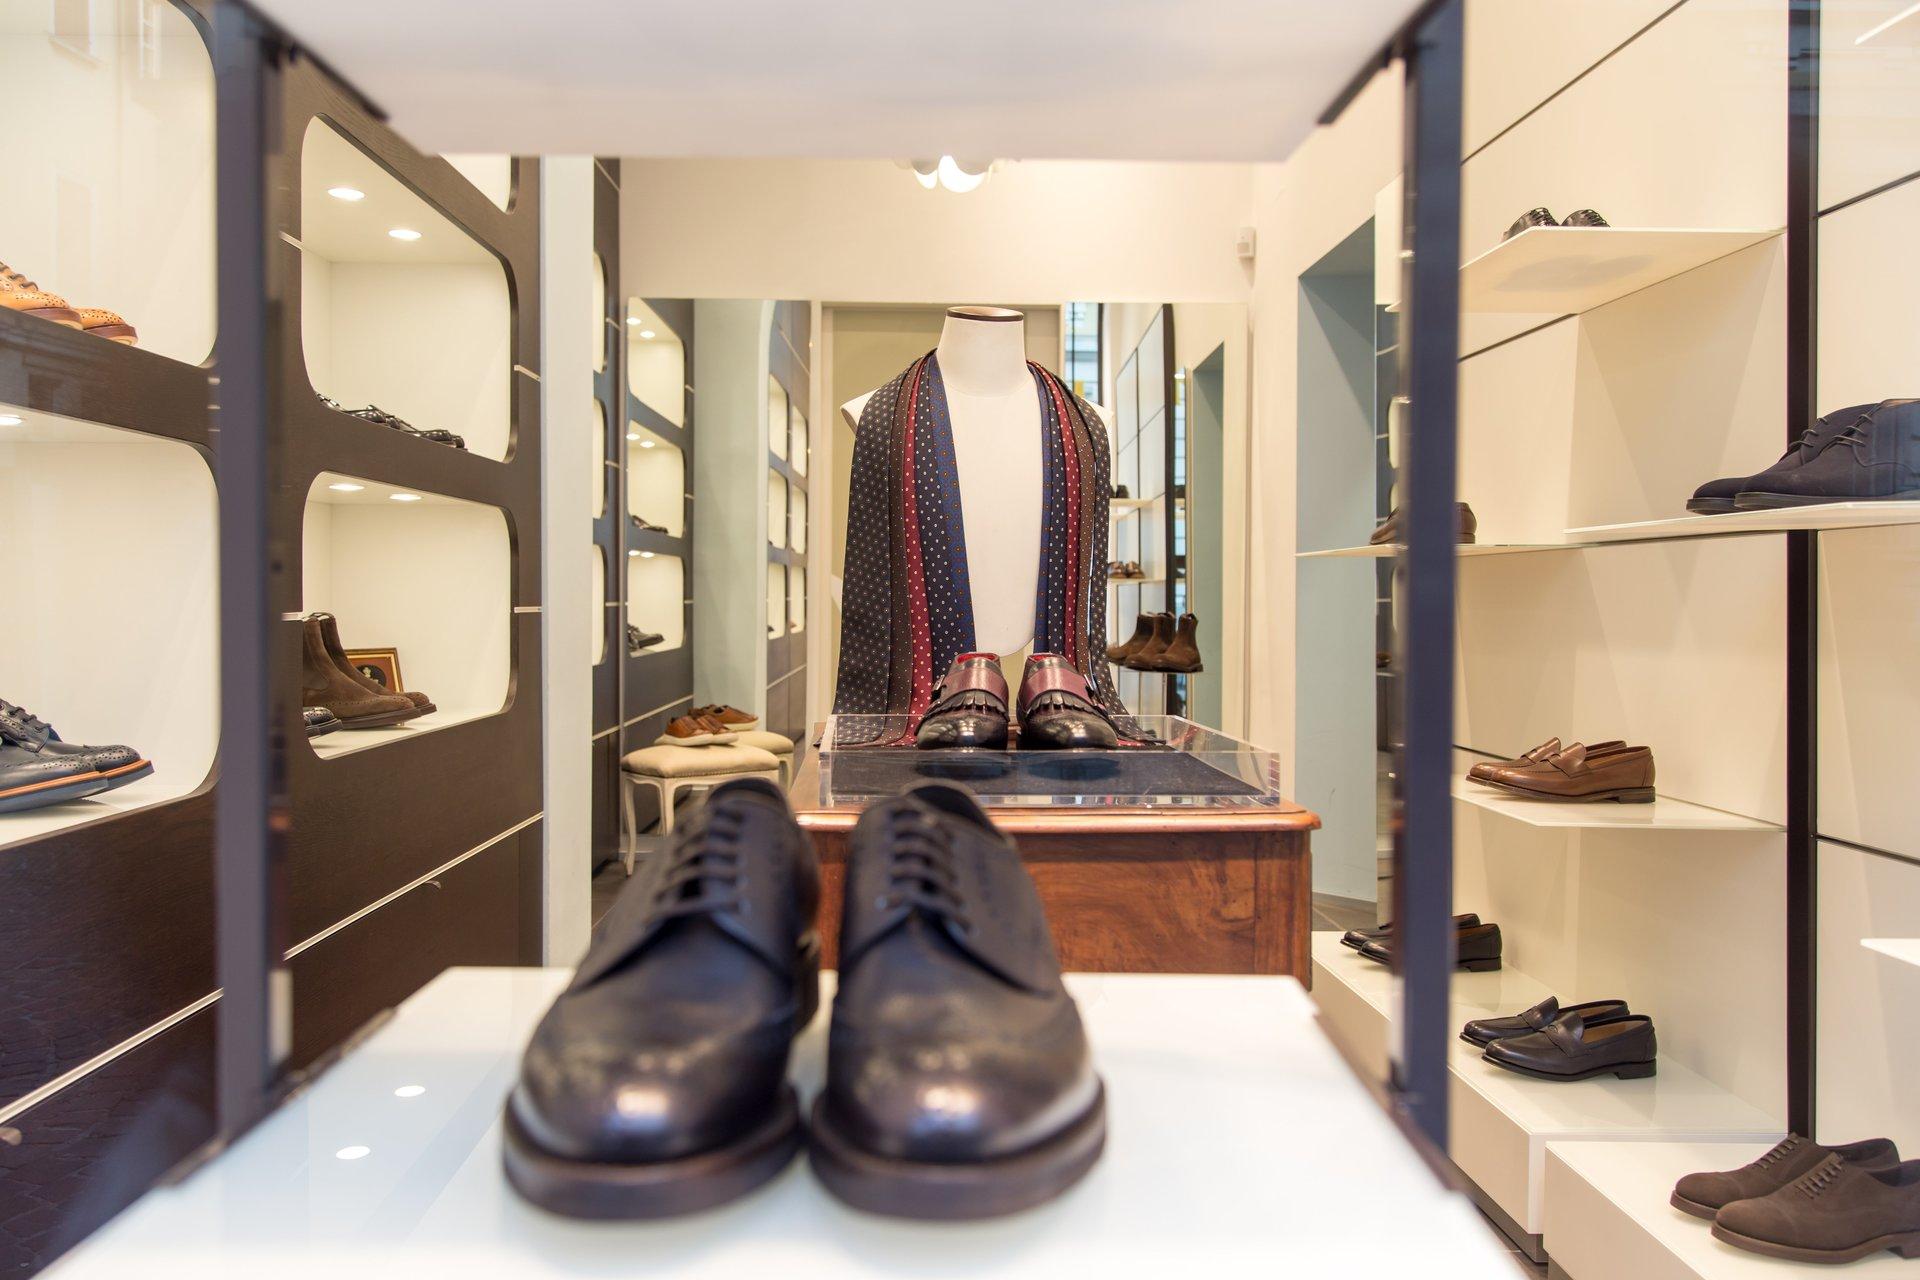 parete espositiva con borse da donna e scarpe